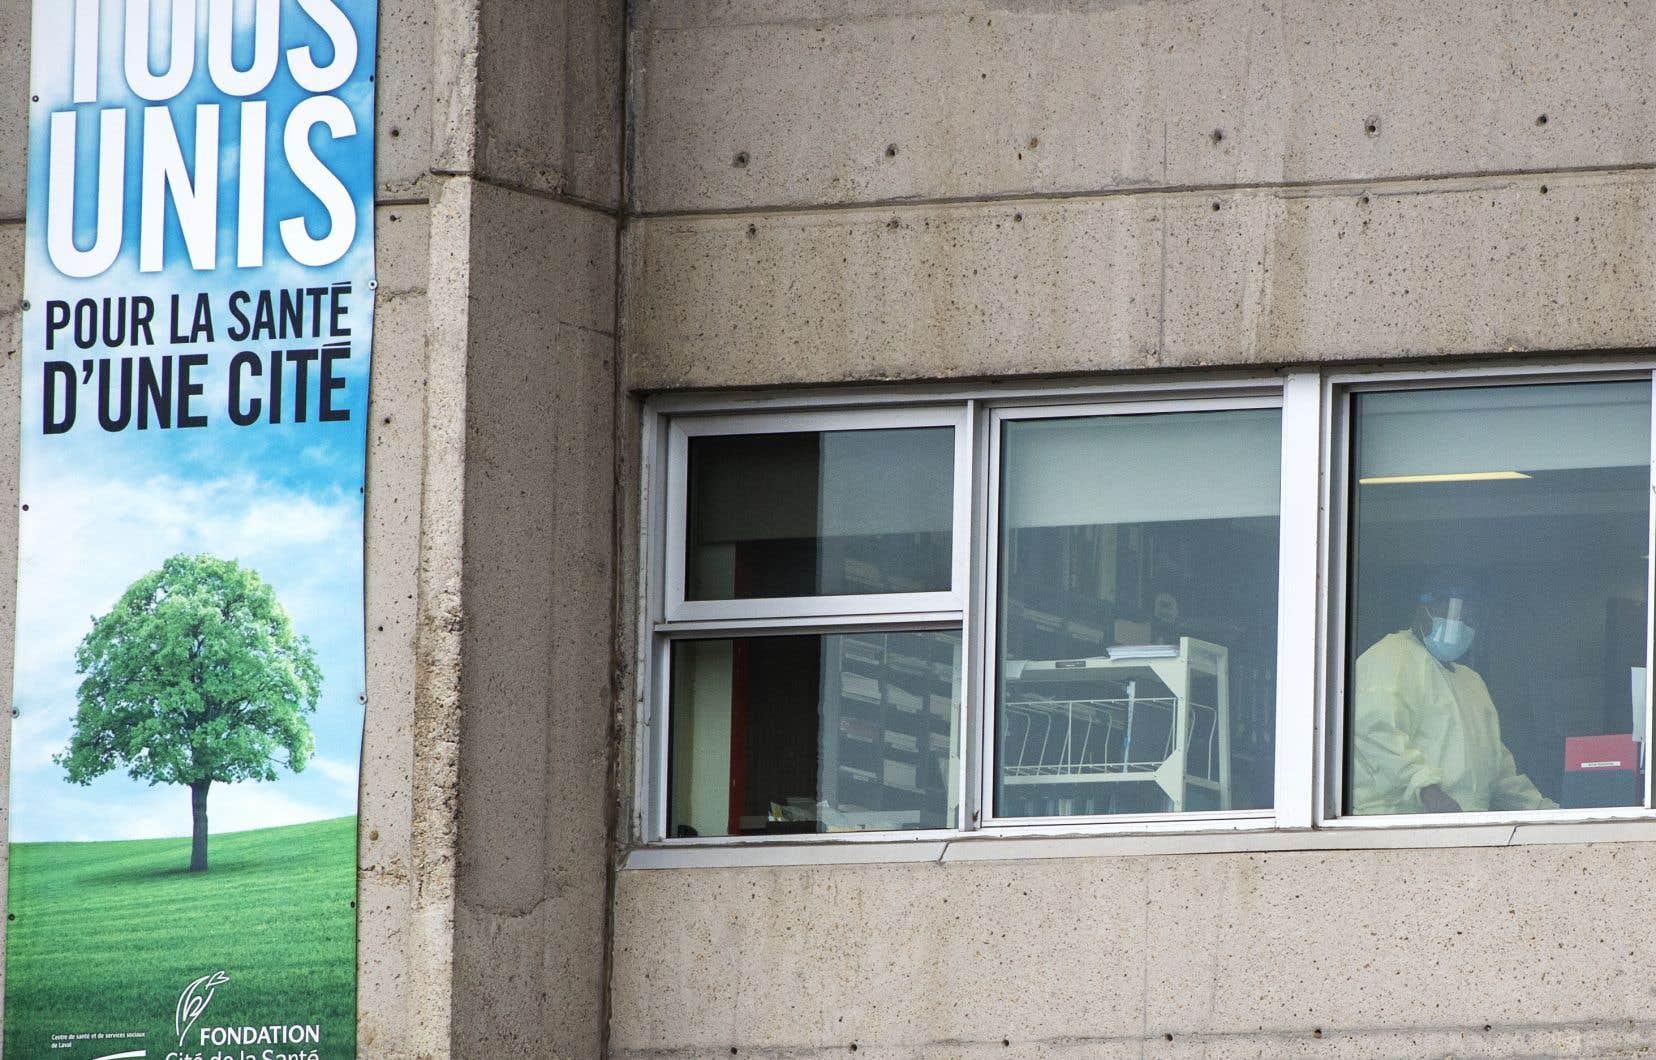 Sainte-Dorothée est l'établissement où il y a eu le plus de pertes humaines au Québec pendant la COVID-19 avec pas moins de 100 décès.